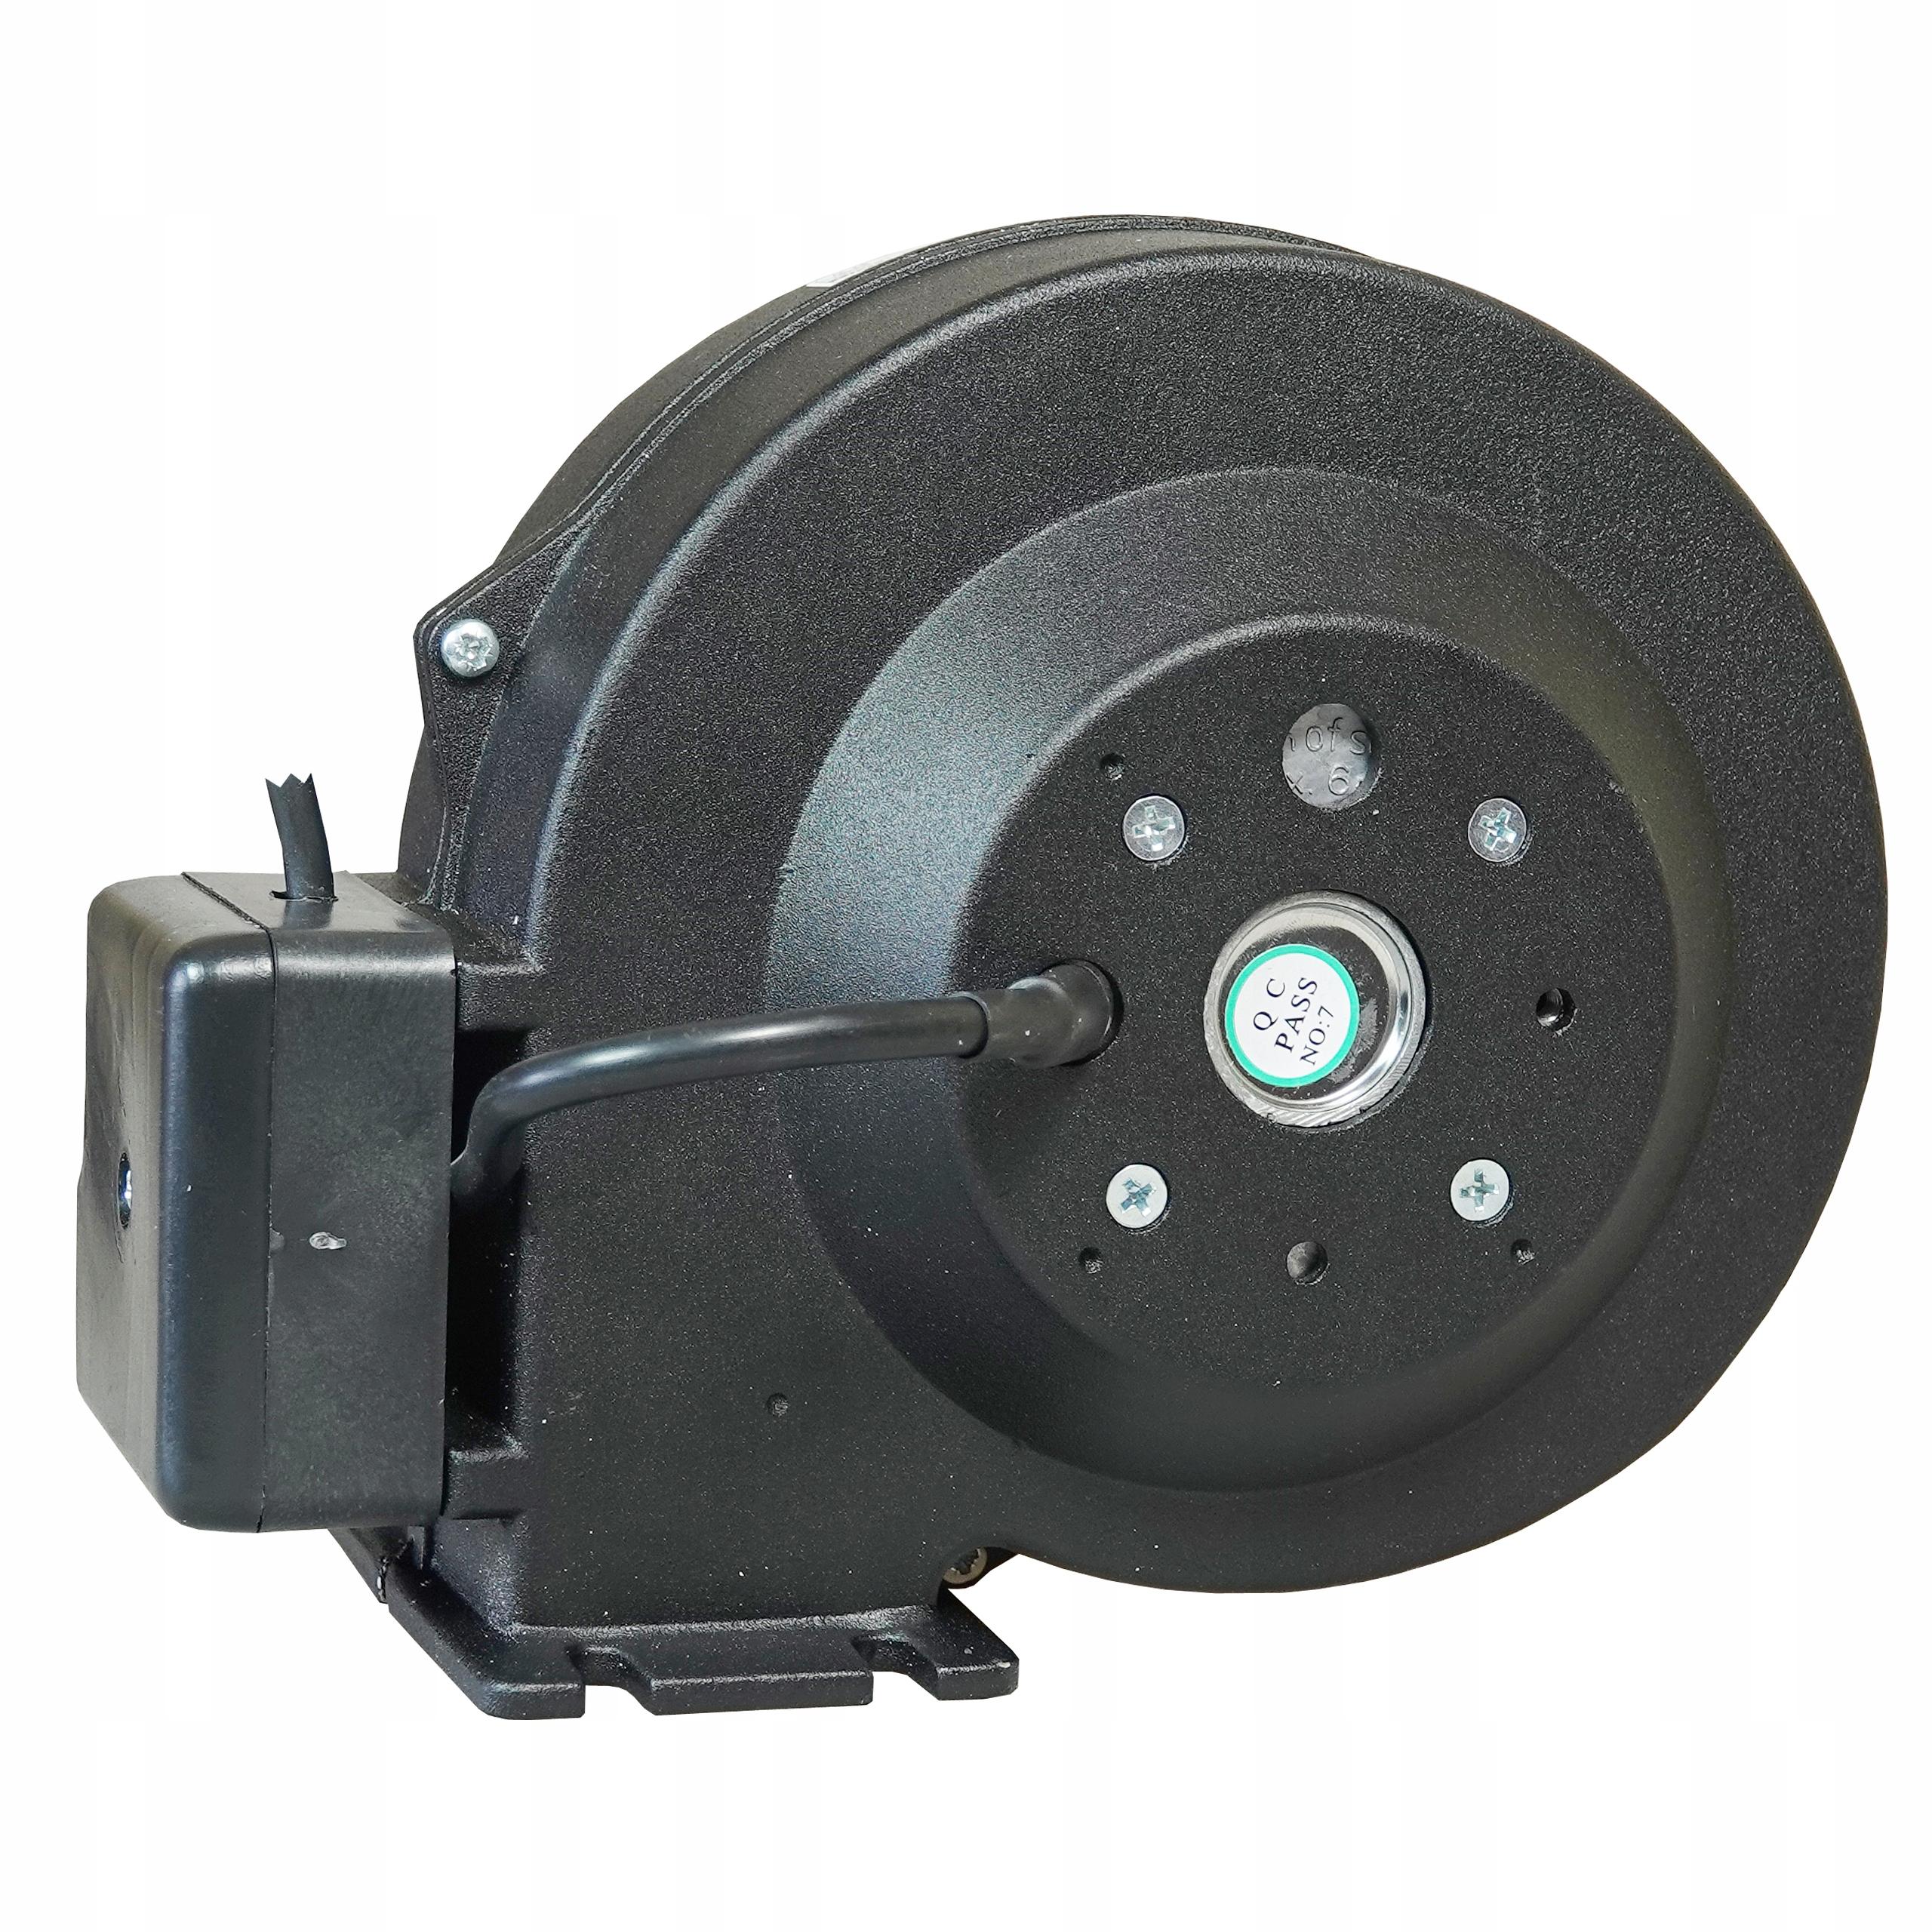 Ventilátor pre kotol na kúrenie WPA x6 / WBS 6a Typ pece kombinovaná funkcia kombinovaná funkcia so zásobníkom teplej vody